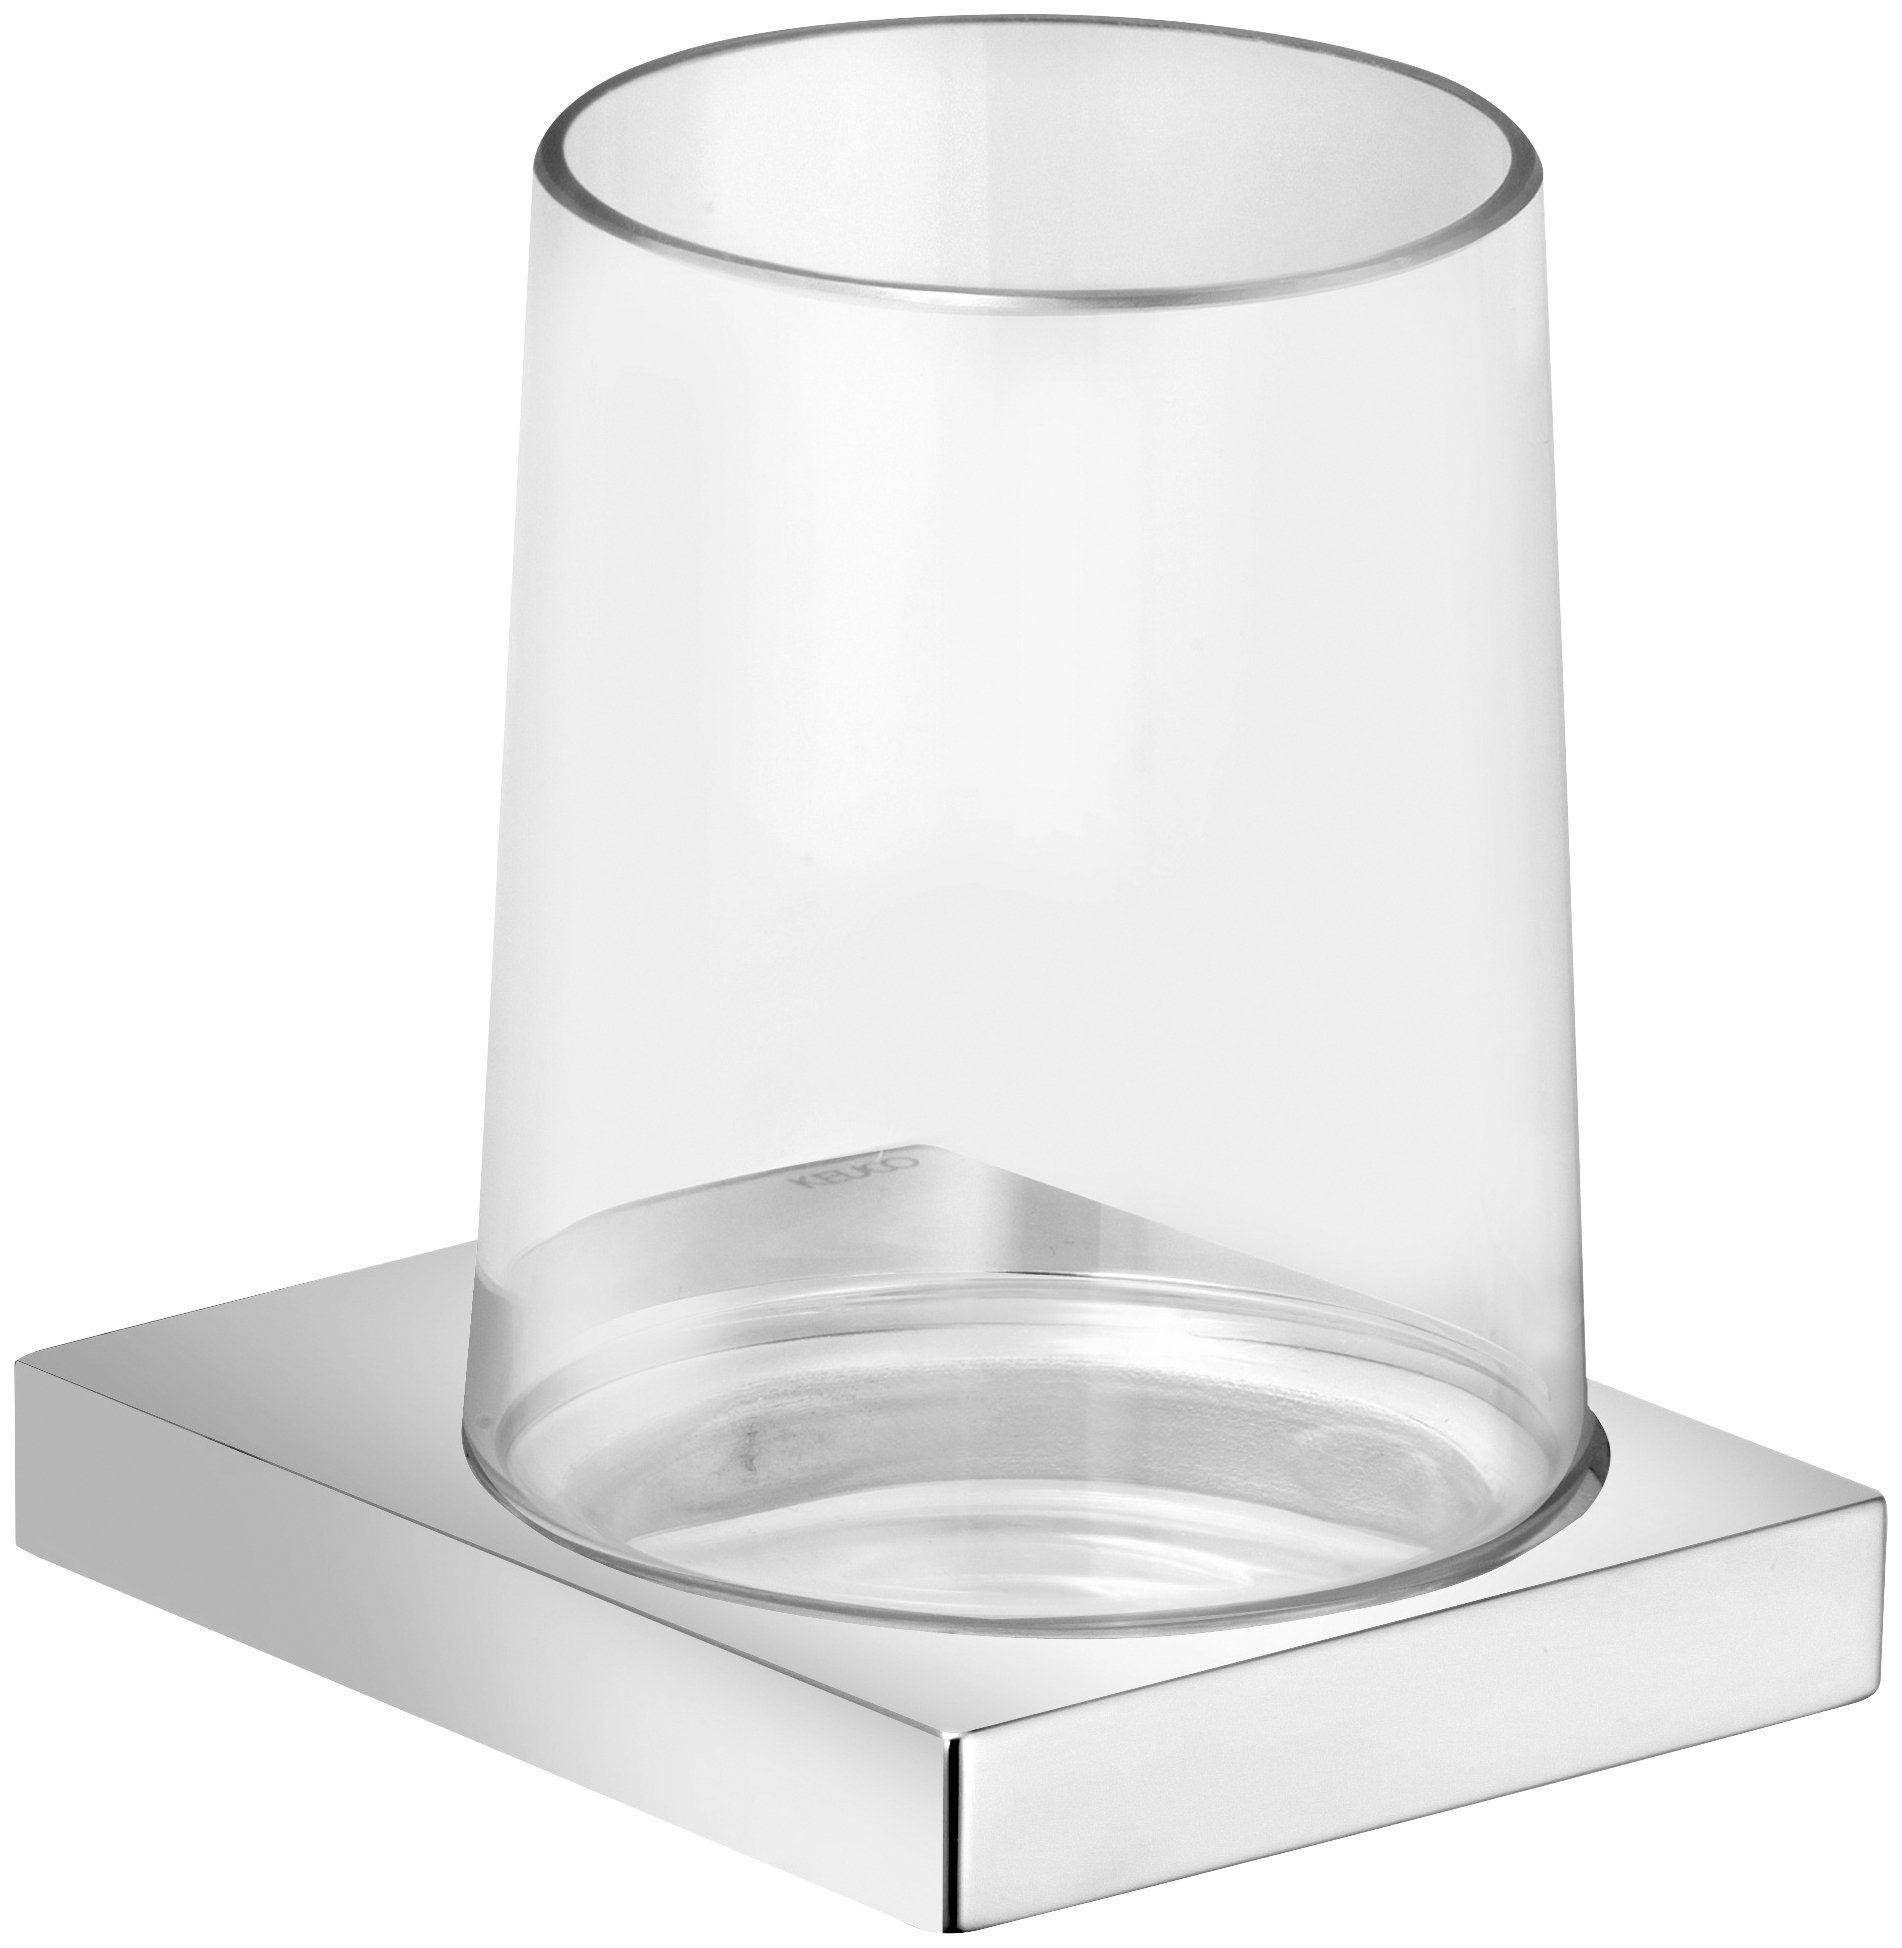 Zahnputzbecherhalter »Edition 11«, mit Echtkristall-Glas klar, verchromt